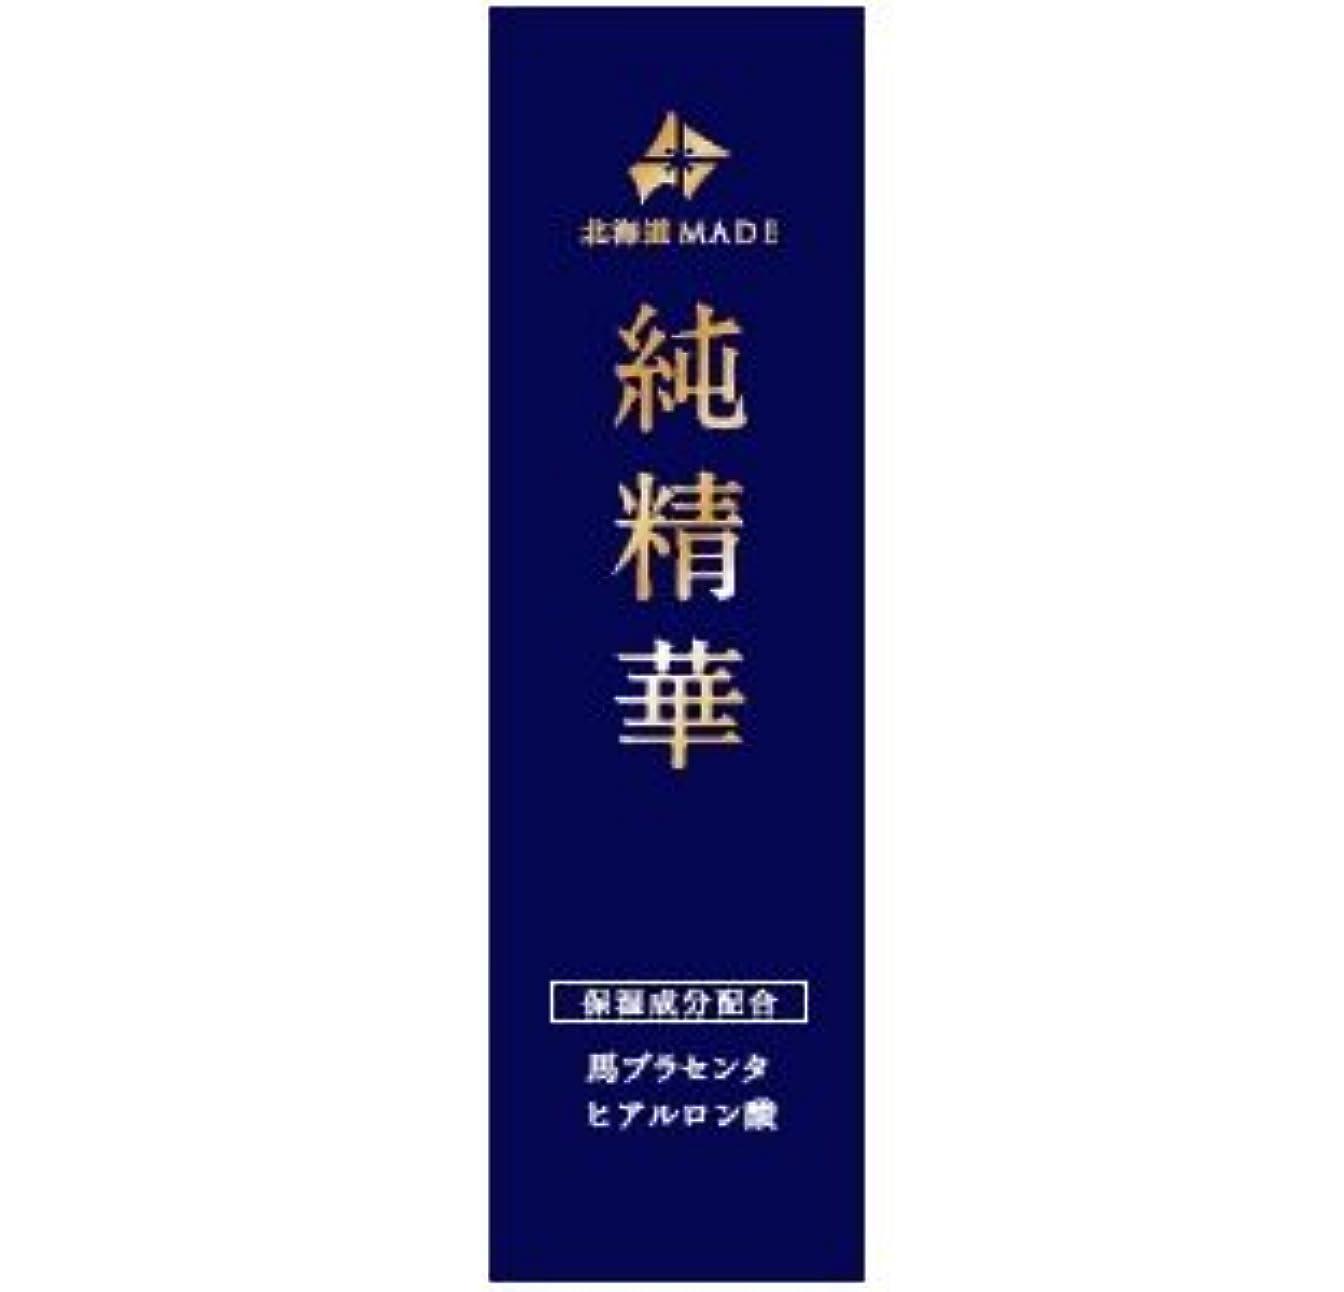 花弁暴露する含む純精華 33ml 北海道MADE 馬プラセンタ ヒアルロン酸